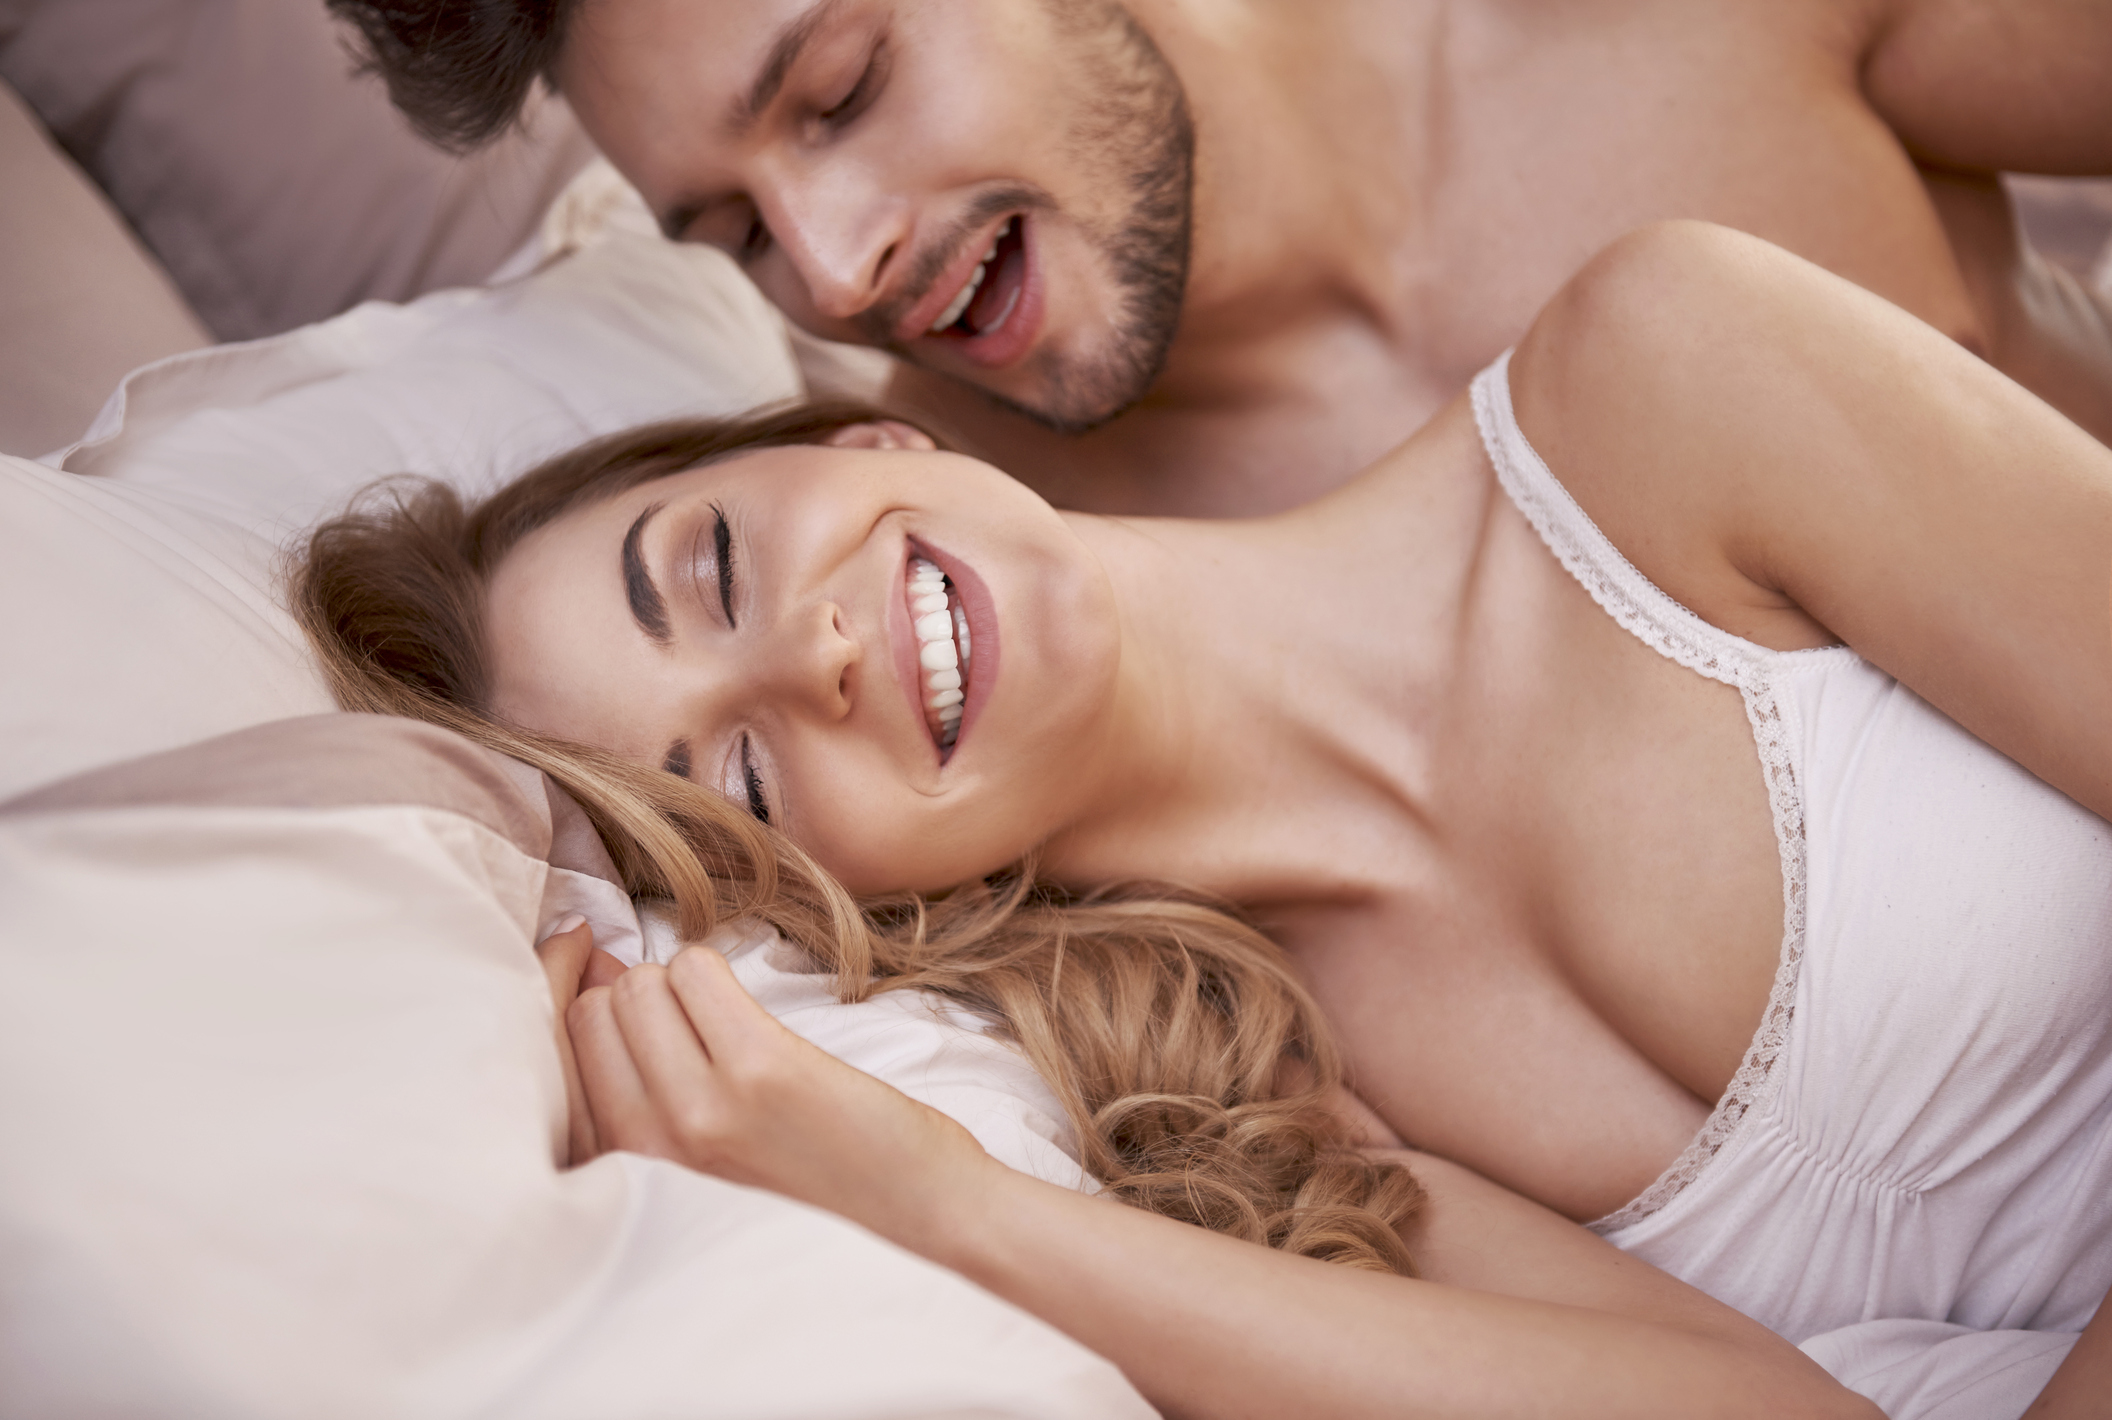 το σεξ Κρίστεν καλλόχαν διαβάσει σε απευθείας σύνδεση δωρεάννόμιμη ηλικία για dating με ανήλικο